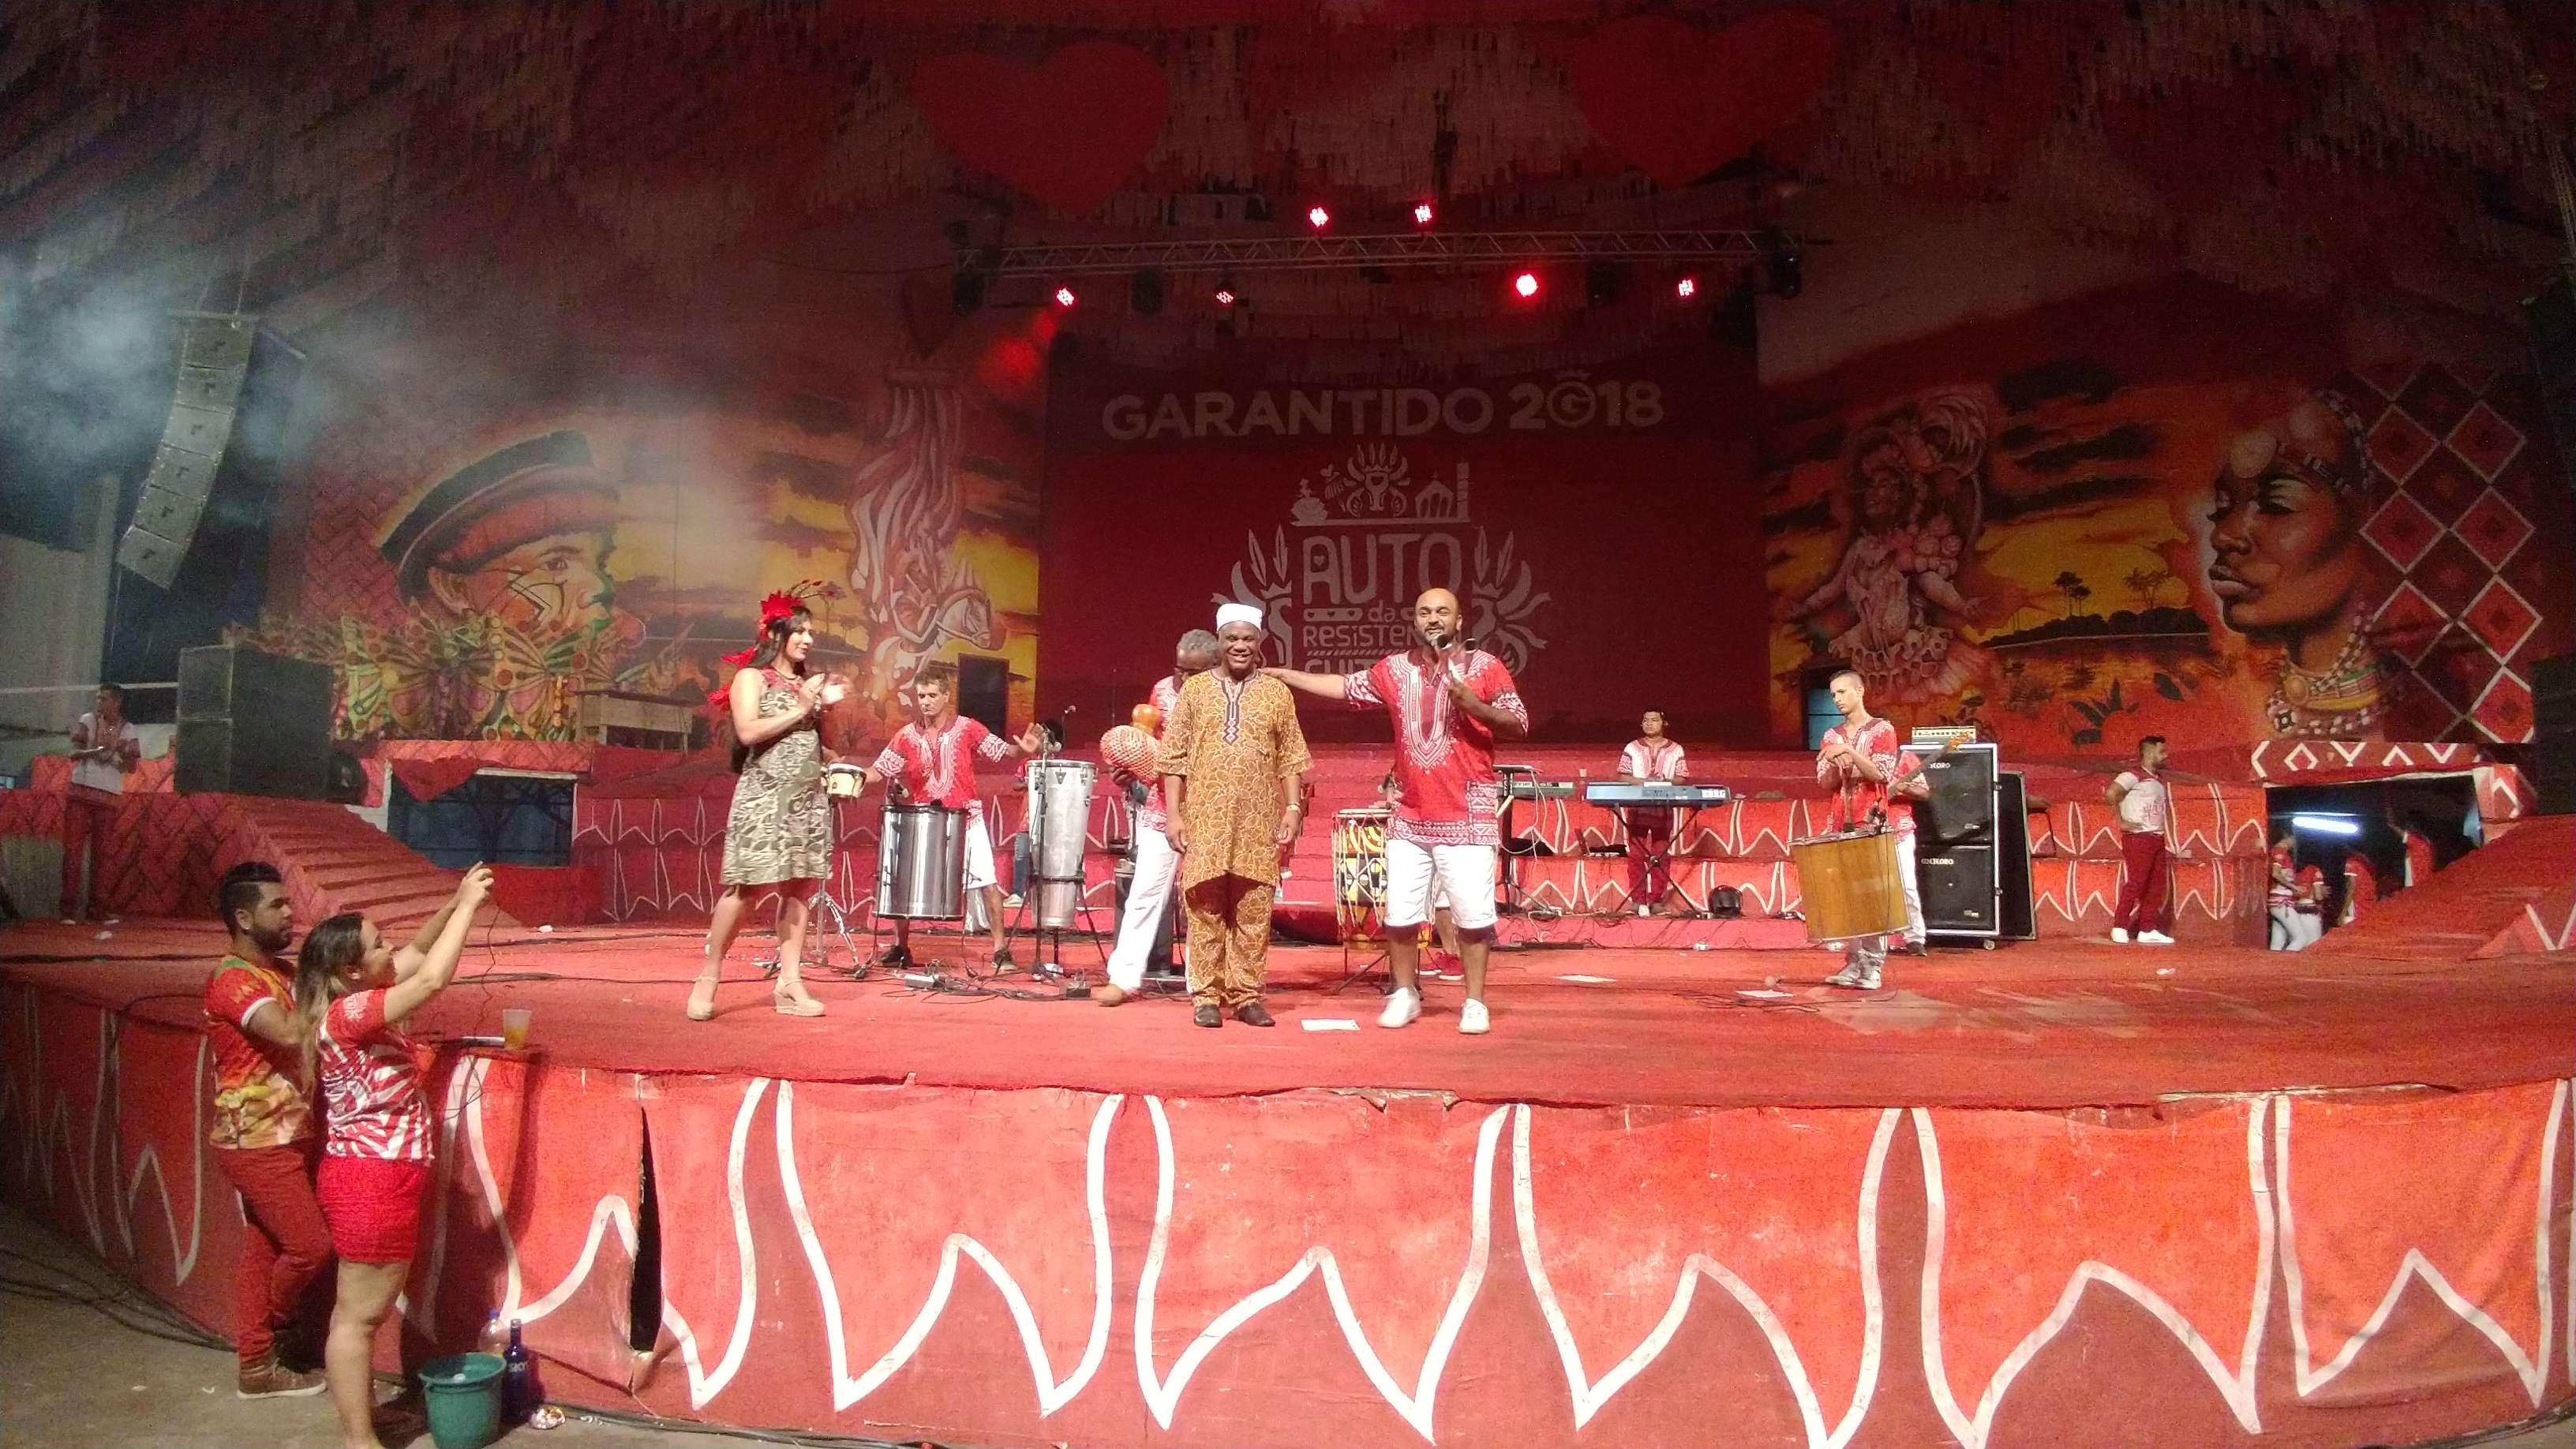 Festival de Parintins é um dos maiores do mundo